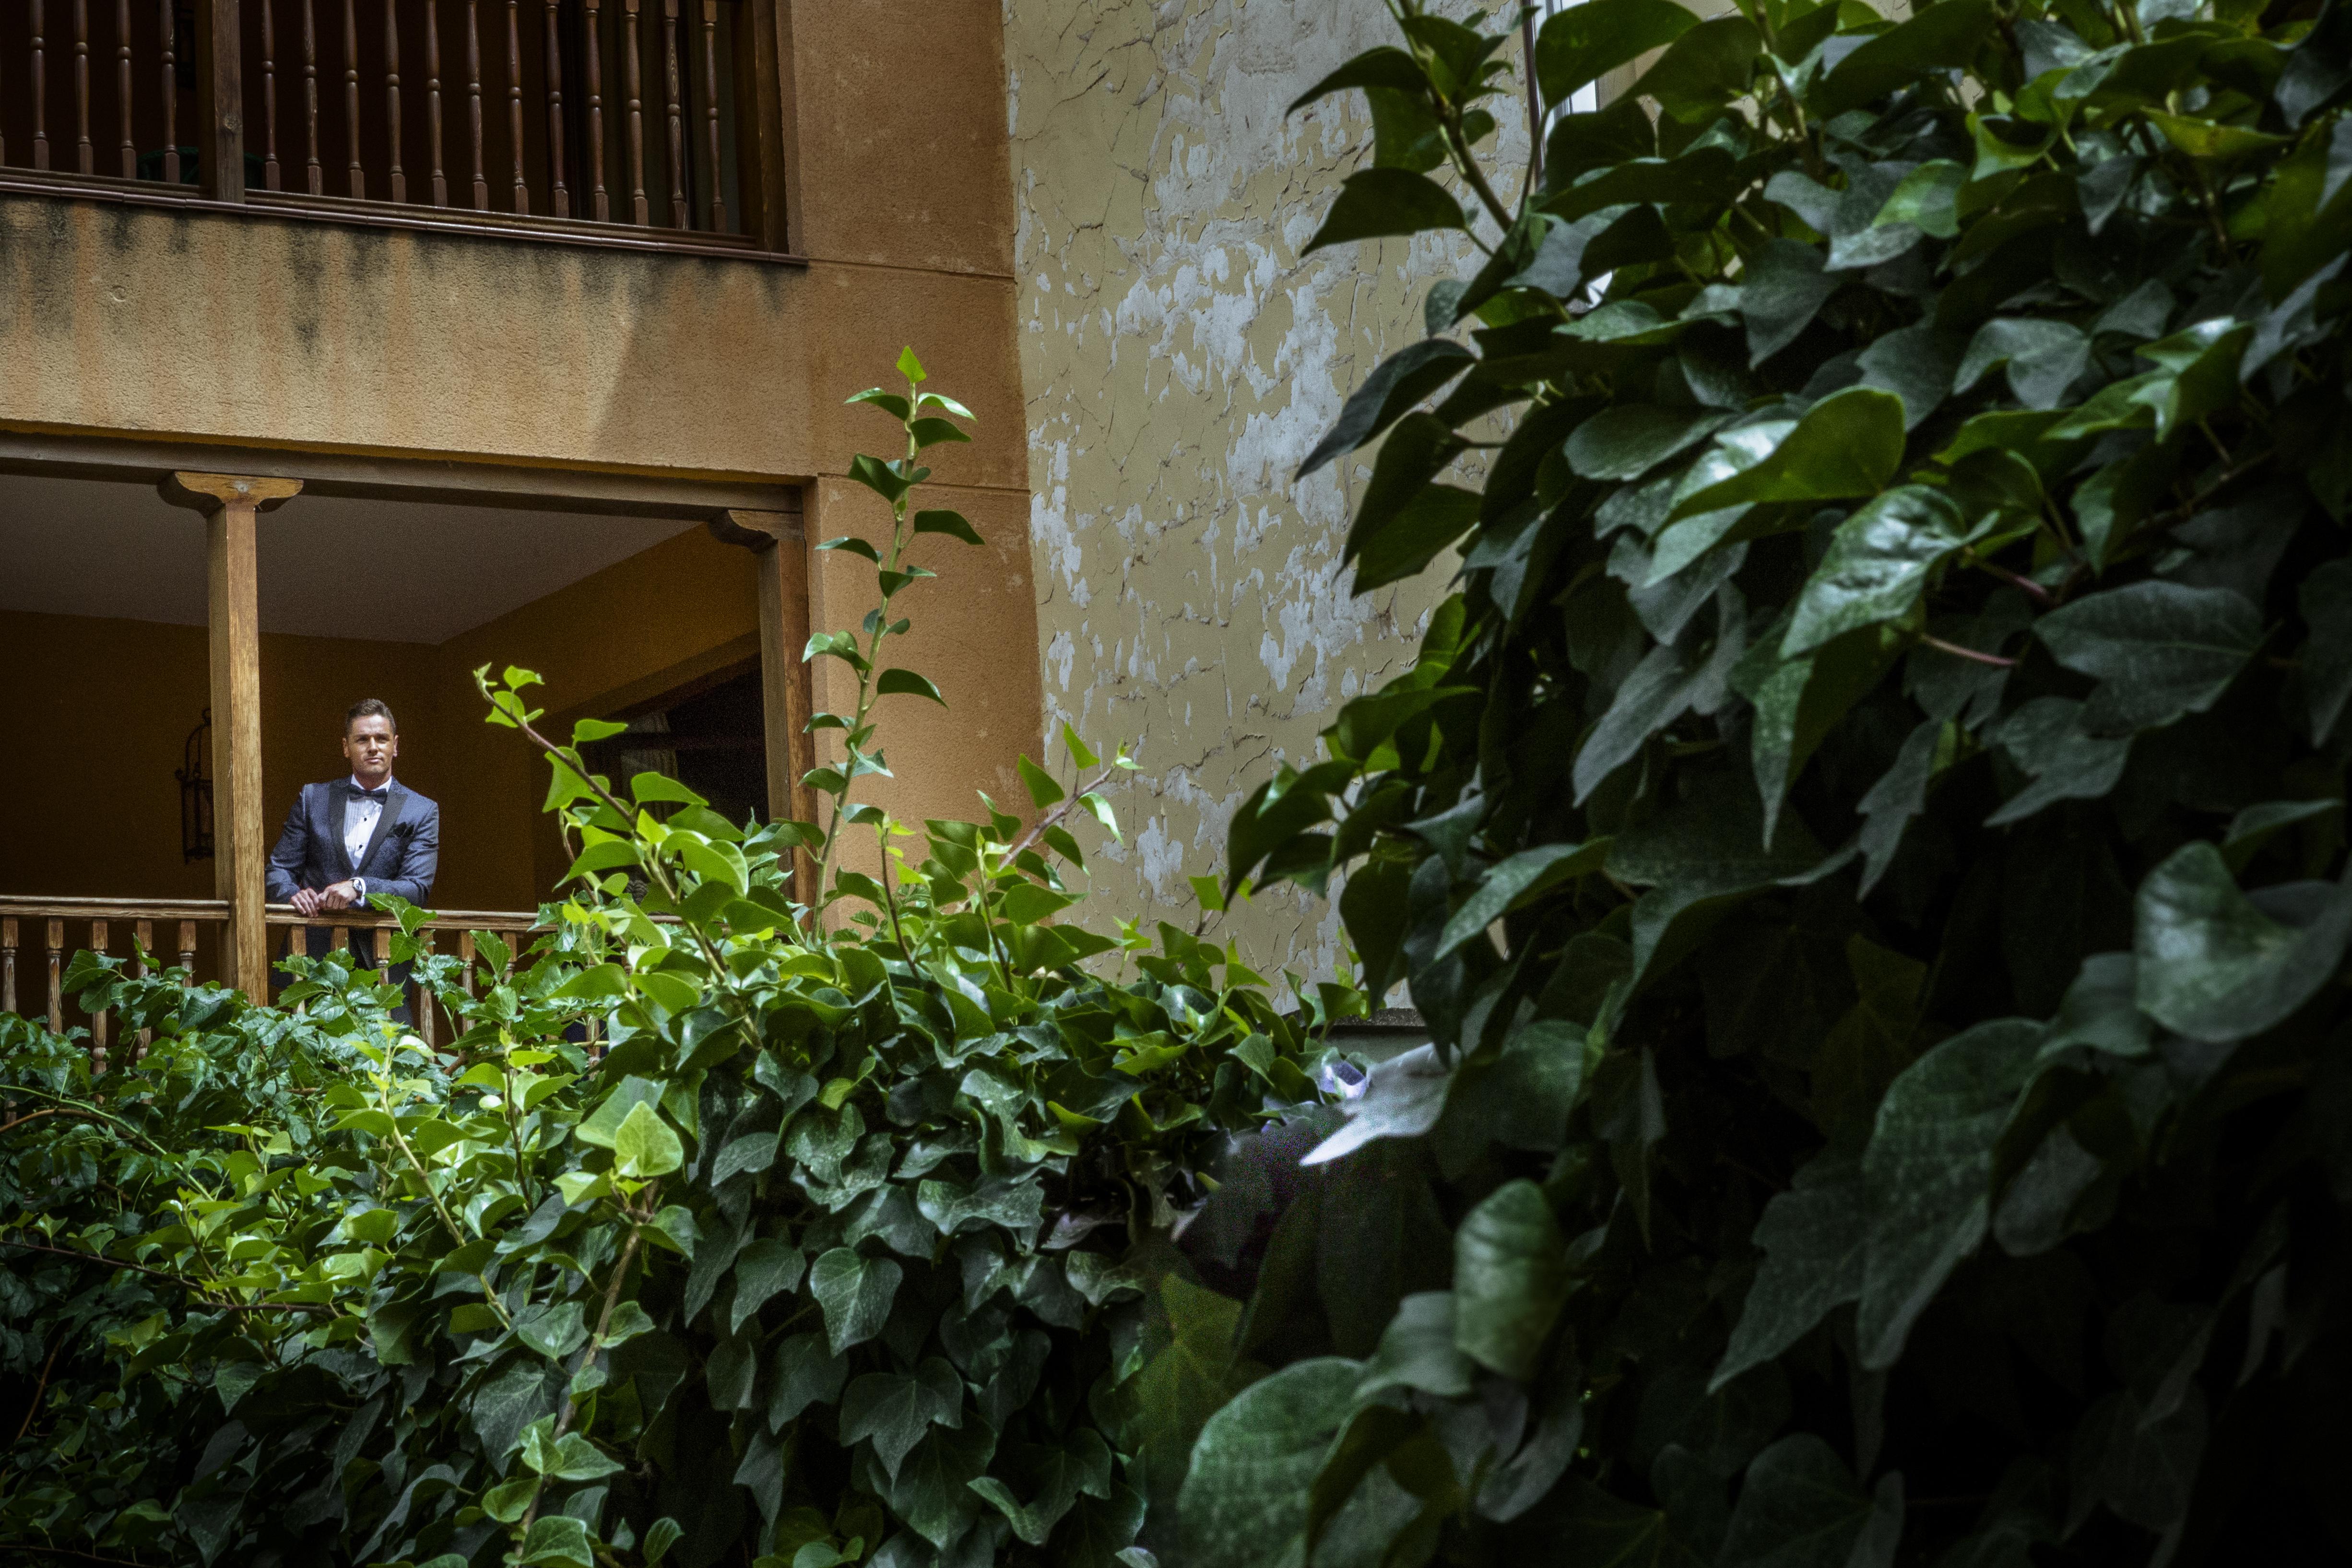 mandarina wedding, fotografos de boda, fotoperiodismo de boda, mejores fotografos de boda, bodas soria, bodas pirineo, bodas Madrid, fotógrafo daroca_12